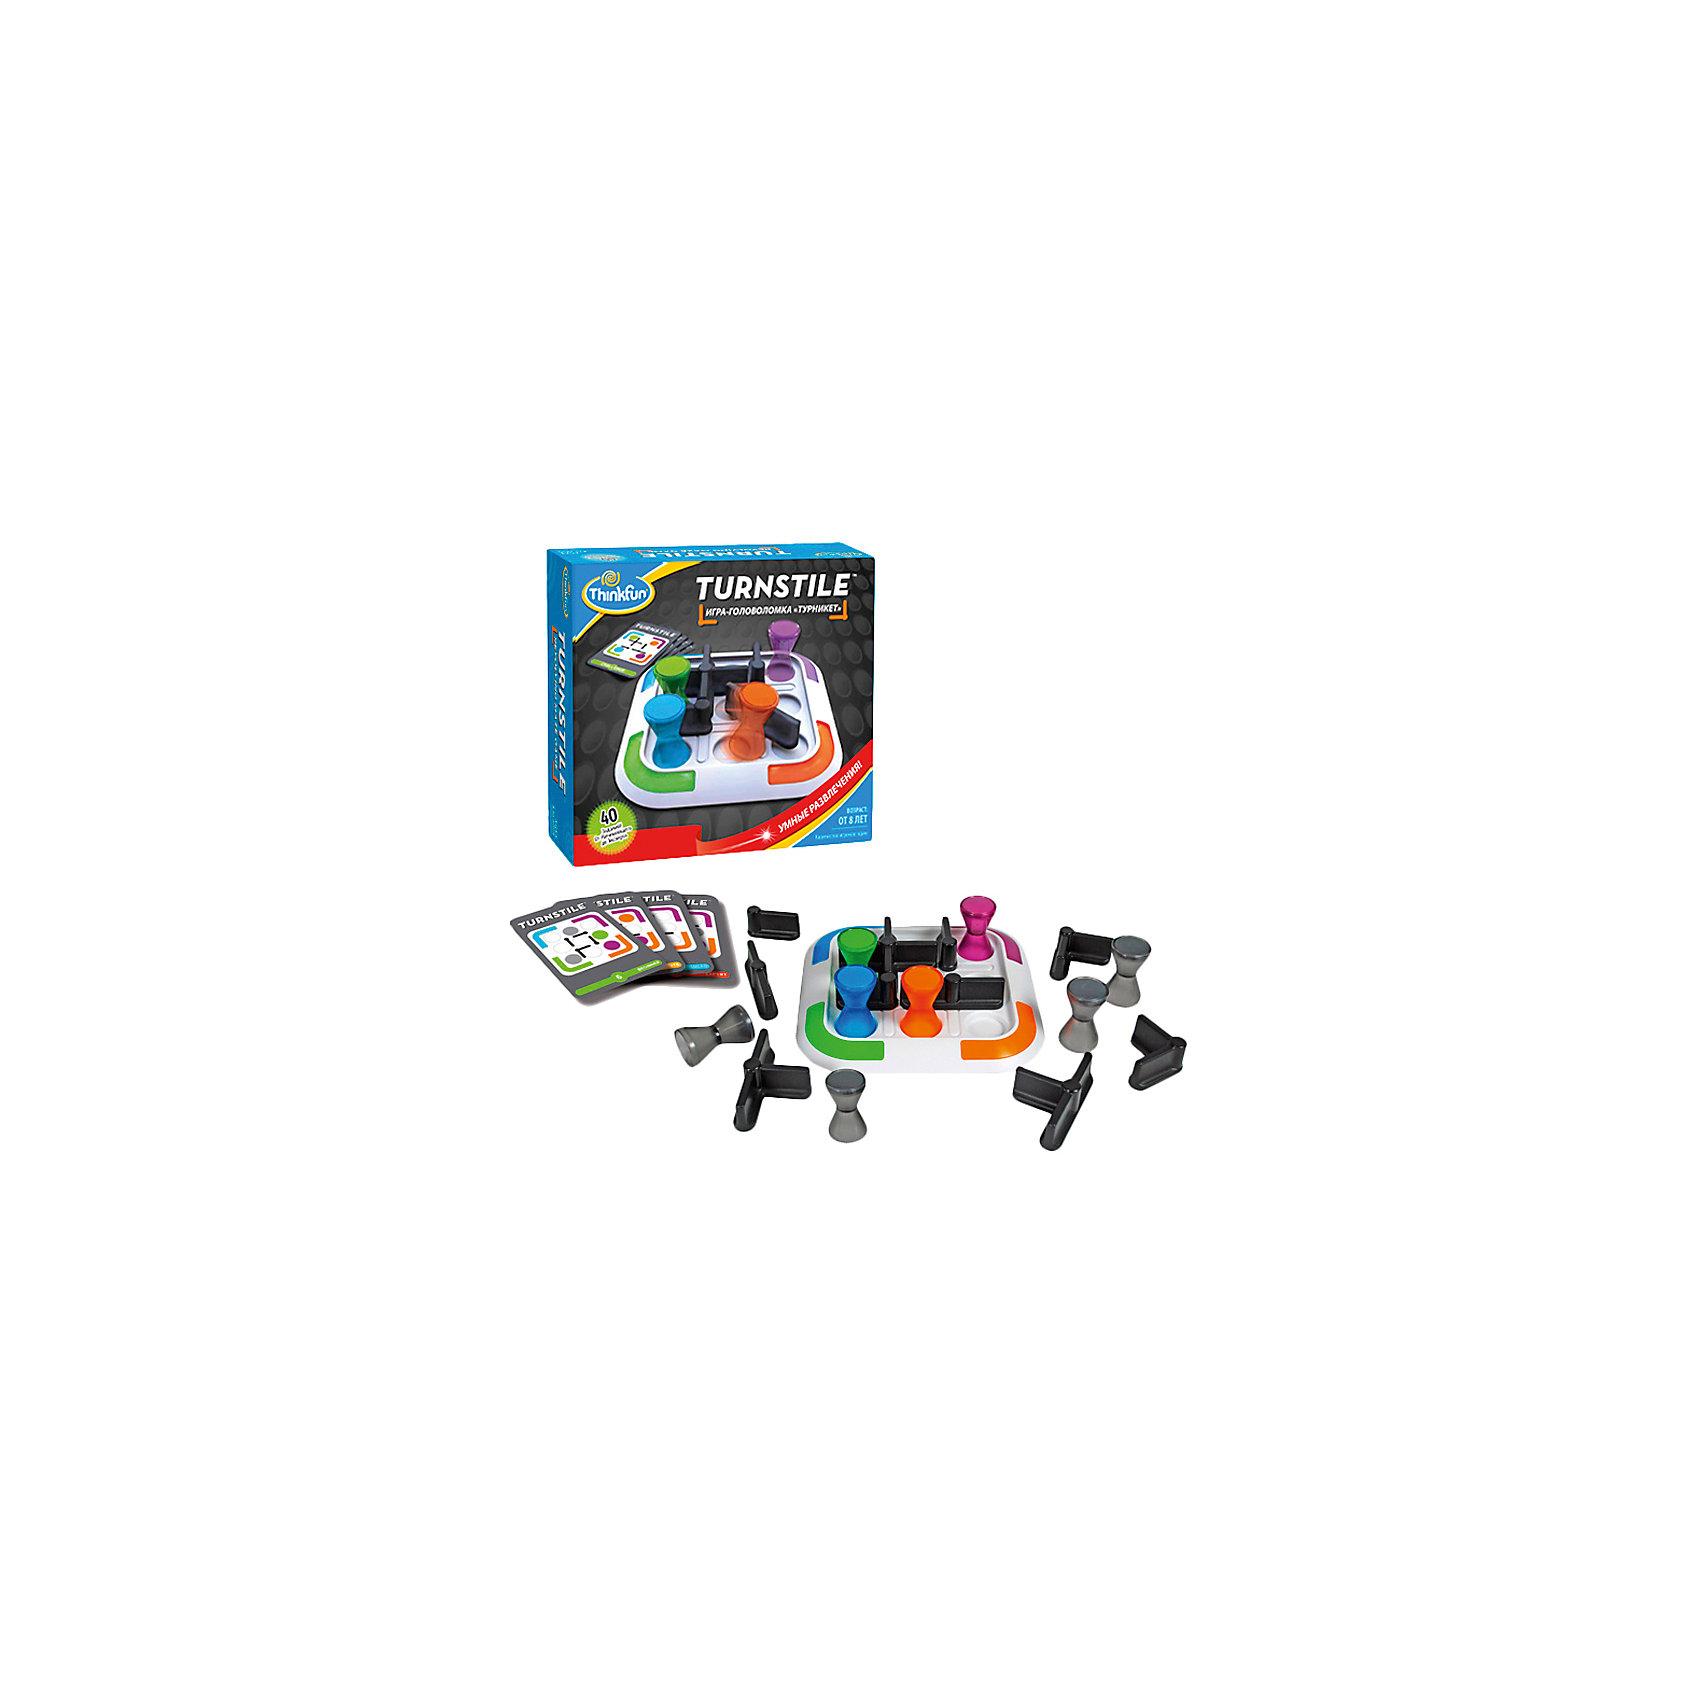 Игра Турникет, ThinkFunНастольные игры для всей семьи<br>Эта увлекательная  игра обязательно понравится вашему ребенку и разнообразит его досуг.  Ее можно брать с собой куда угодно и весело играть вместе с друзьями. Принцип игры: надо переместить все цветные фигурки в углы игрового поля, в соответствии с их цветом. Карточки содержат задания четырех уровней сложности. На обратных сторонах у них приведены решения соответствующих заданий. Выберите карточку с заданием и расположите фигурки на игровом поле в соответствии со схемой, представленной на карточке. Игрок может перемещать любую фигурку, стараясь привести её в свой угол игрового поля (в соответствии с цветом фишки), вращая при этом турникеты. <br>Игра прекрасно развивает внимание, мышление, память, в нее можно играть, как одному, так и с компанией. <br><br>Дополнительная информация:<br><br>- Комплектация: игровое поле - 1 шт,  фишки цветные - 4 шт, фишки серые - 4 шт, турникеты различной конфигурации - 10, карточки с заданиями - 40 шт, фирменный мешочек, инструкция.<br>- Материал: картон, пластик<br>- Размер игрового поля: 17 х 17 см. <br>- Размер фишки: 4,5 см. <br><br>Игру Турникет, ThinkFun можно купить в нашем магазине.<br><br>Ширина мм: 225<br>Глубина мм: 64<br>Высота мм: 203<br>Вес г: 610<br>Возраст от месяцев: 96<br>Возраст до месяцев: 2147483647<br>Пол: Унисекс<br>Возраст: Детский<br>SKU: 3972649